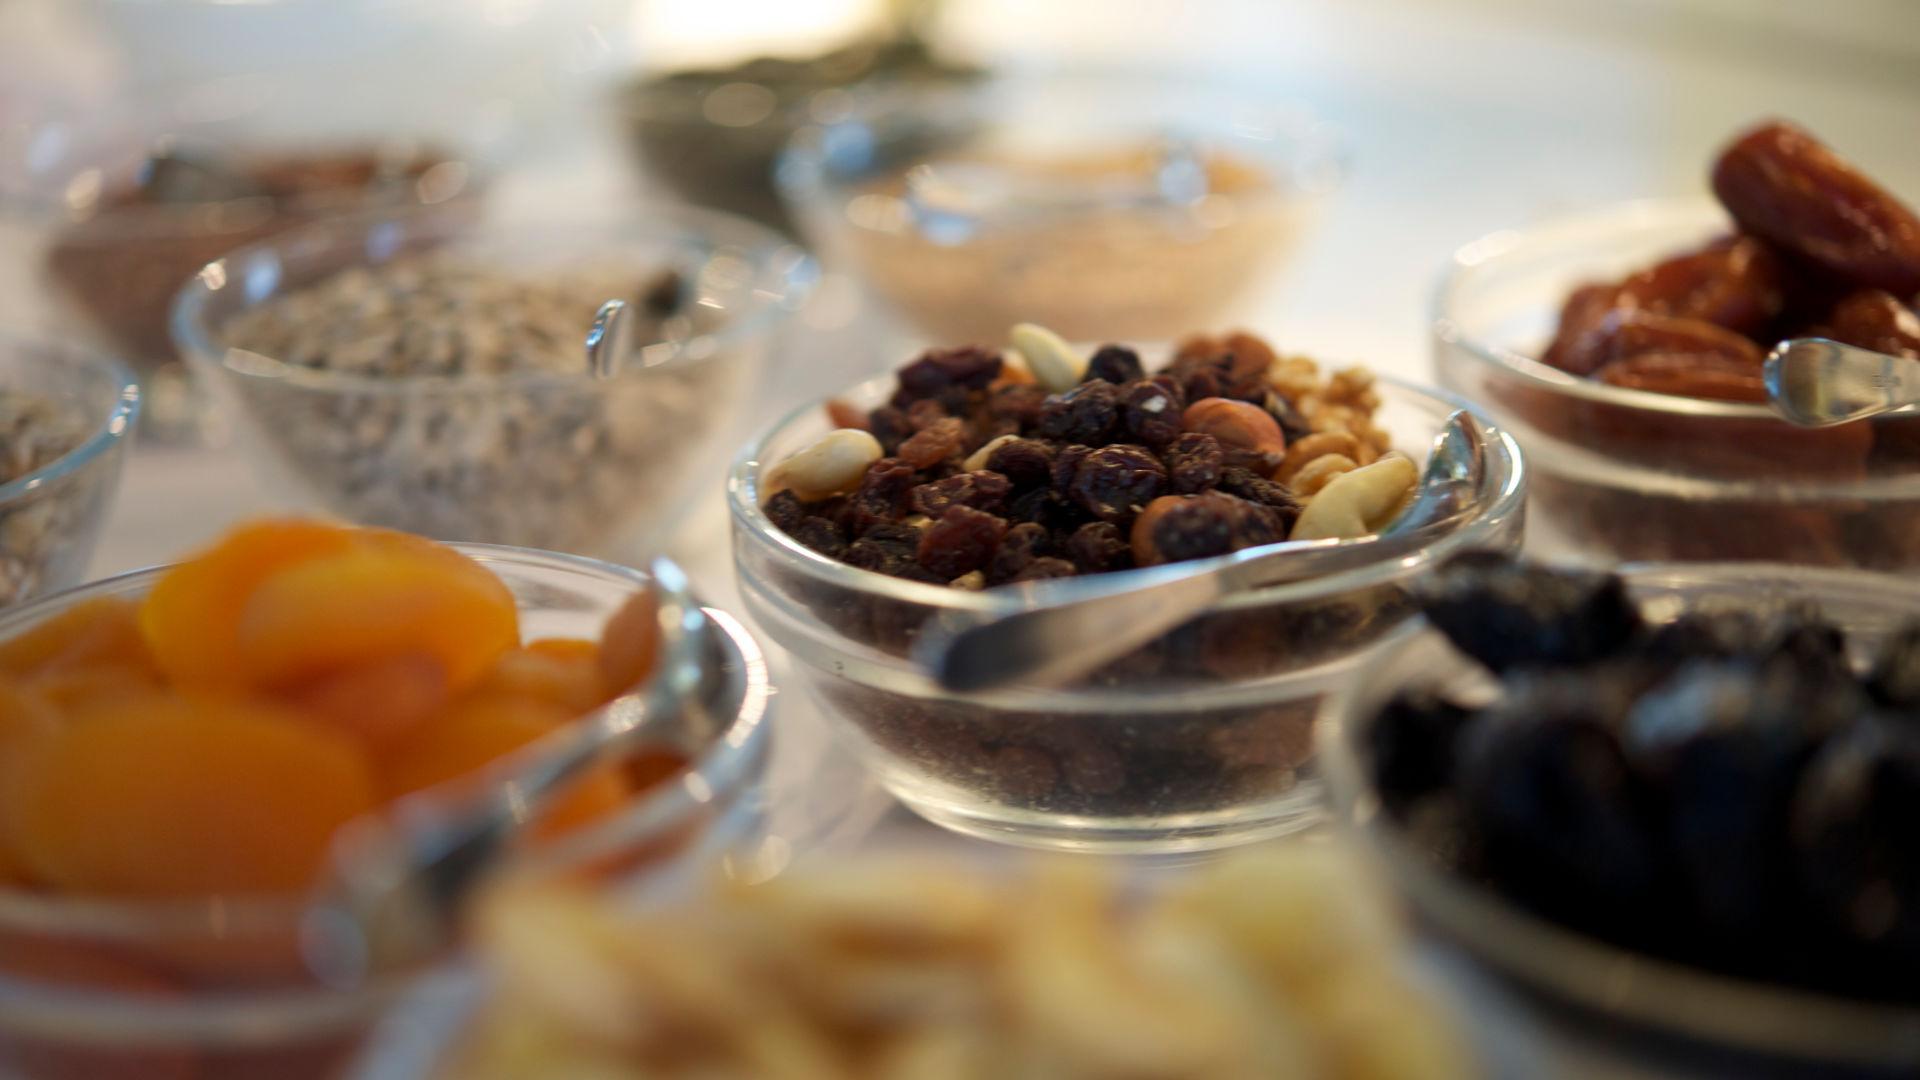 Auswahl an Trockenfrüchten und Nüssen für's Frühtstücks-Müsli